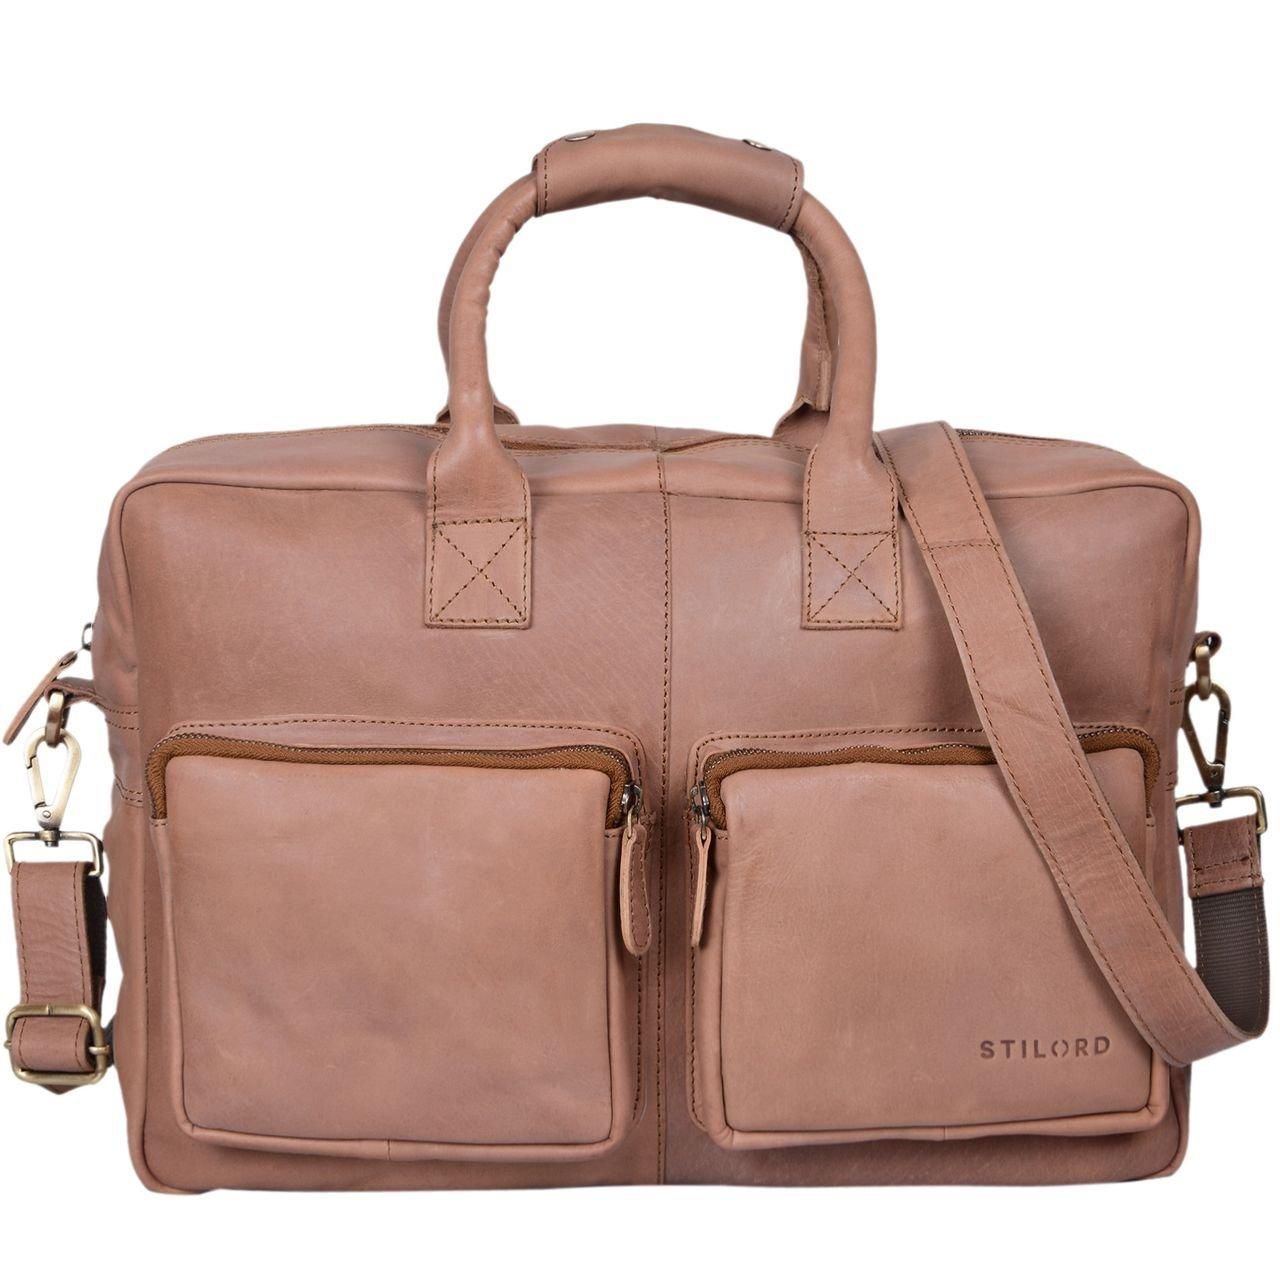 STILORD 'Henri' Bürotasche Leder 15,6 Zoll Vintage Laptop Aktentasche Businesstasche Umhängetasche Lehrertasche Büffelleder, Farbe:antik - braun